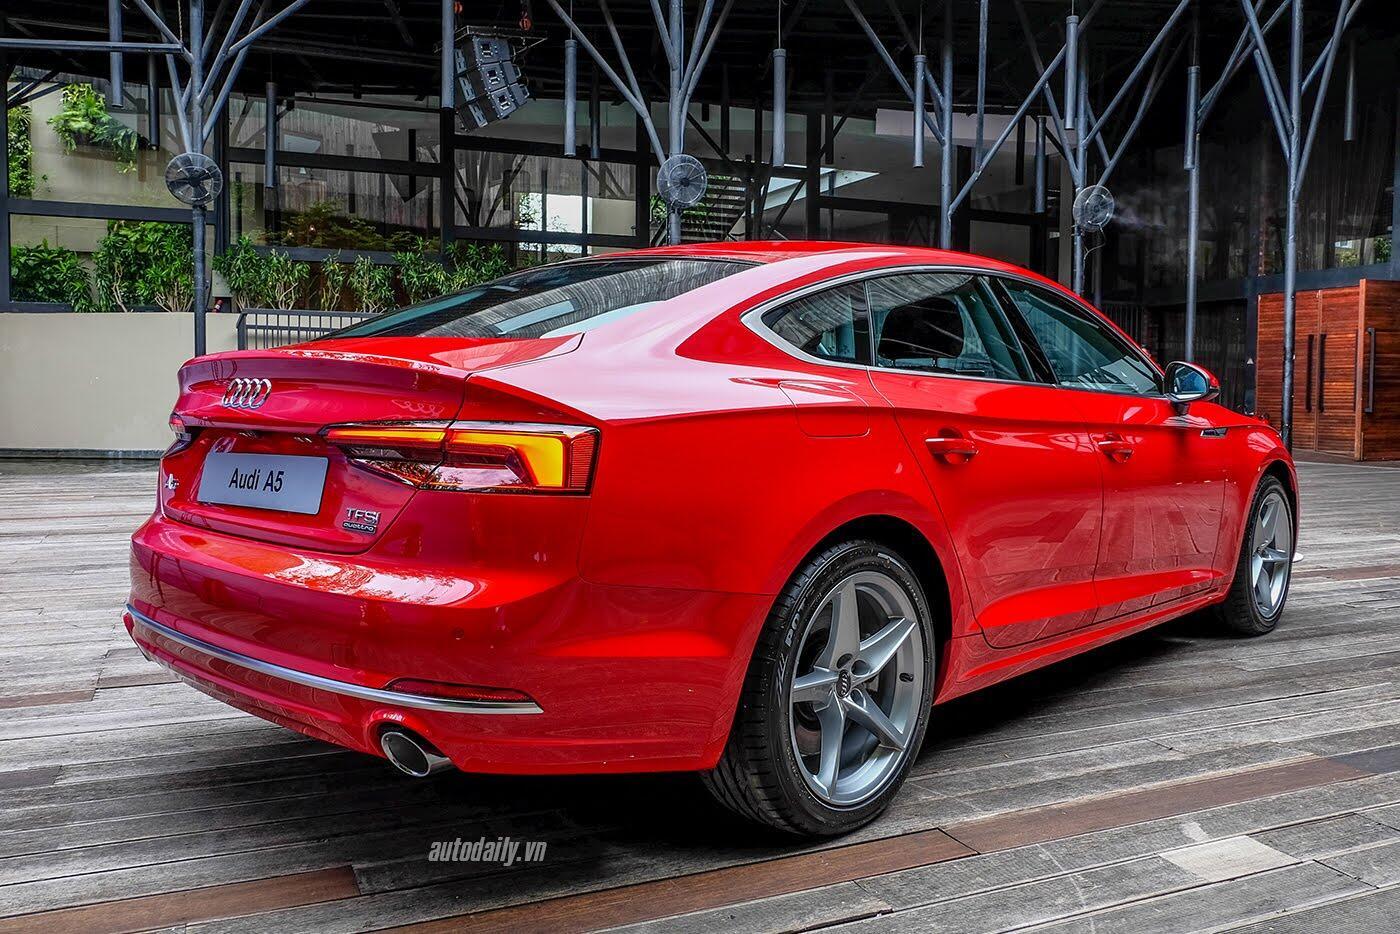 Audi A5 Sportback 2017 chính thức ra mắt tại Việt Nam - Hình 7